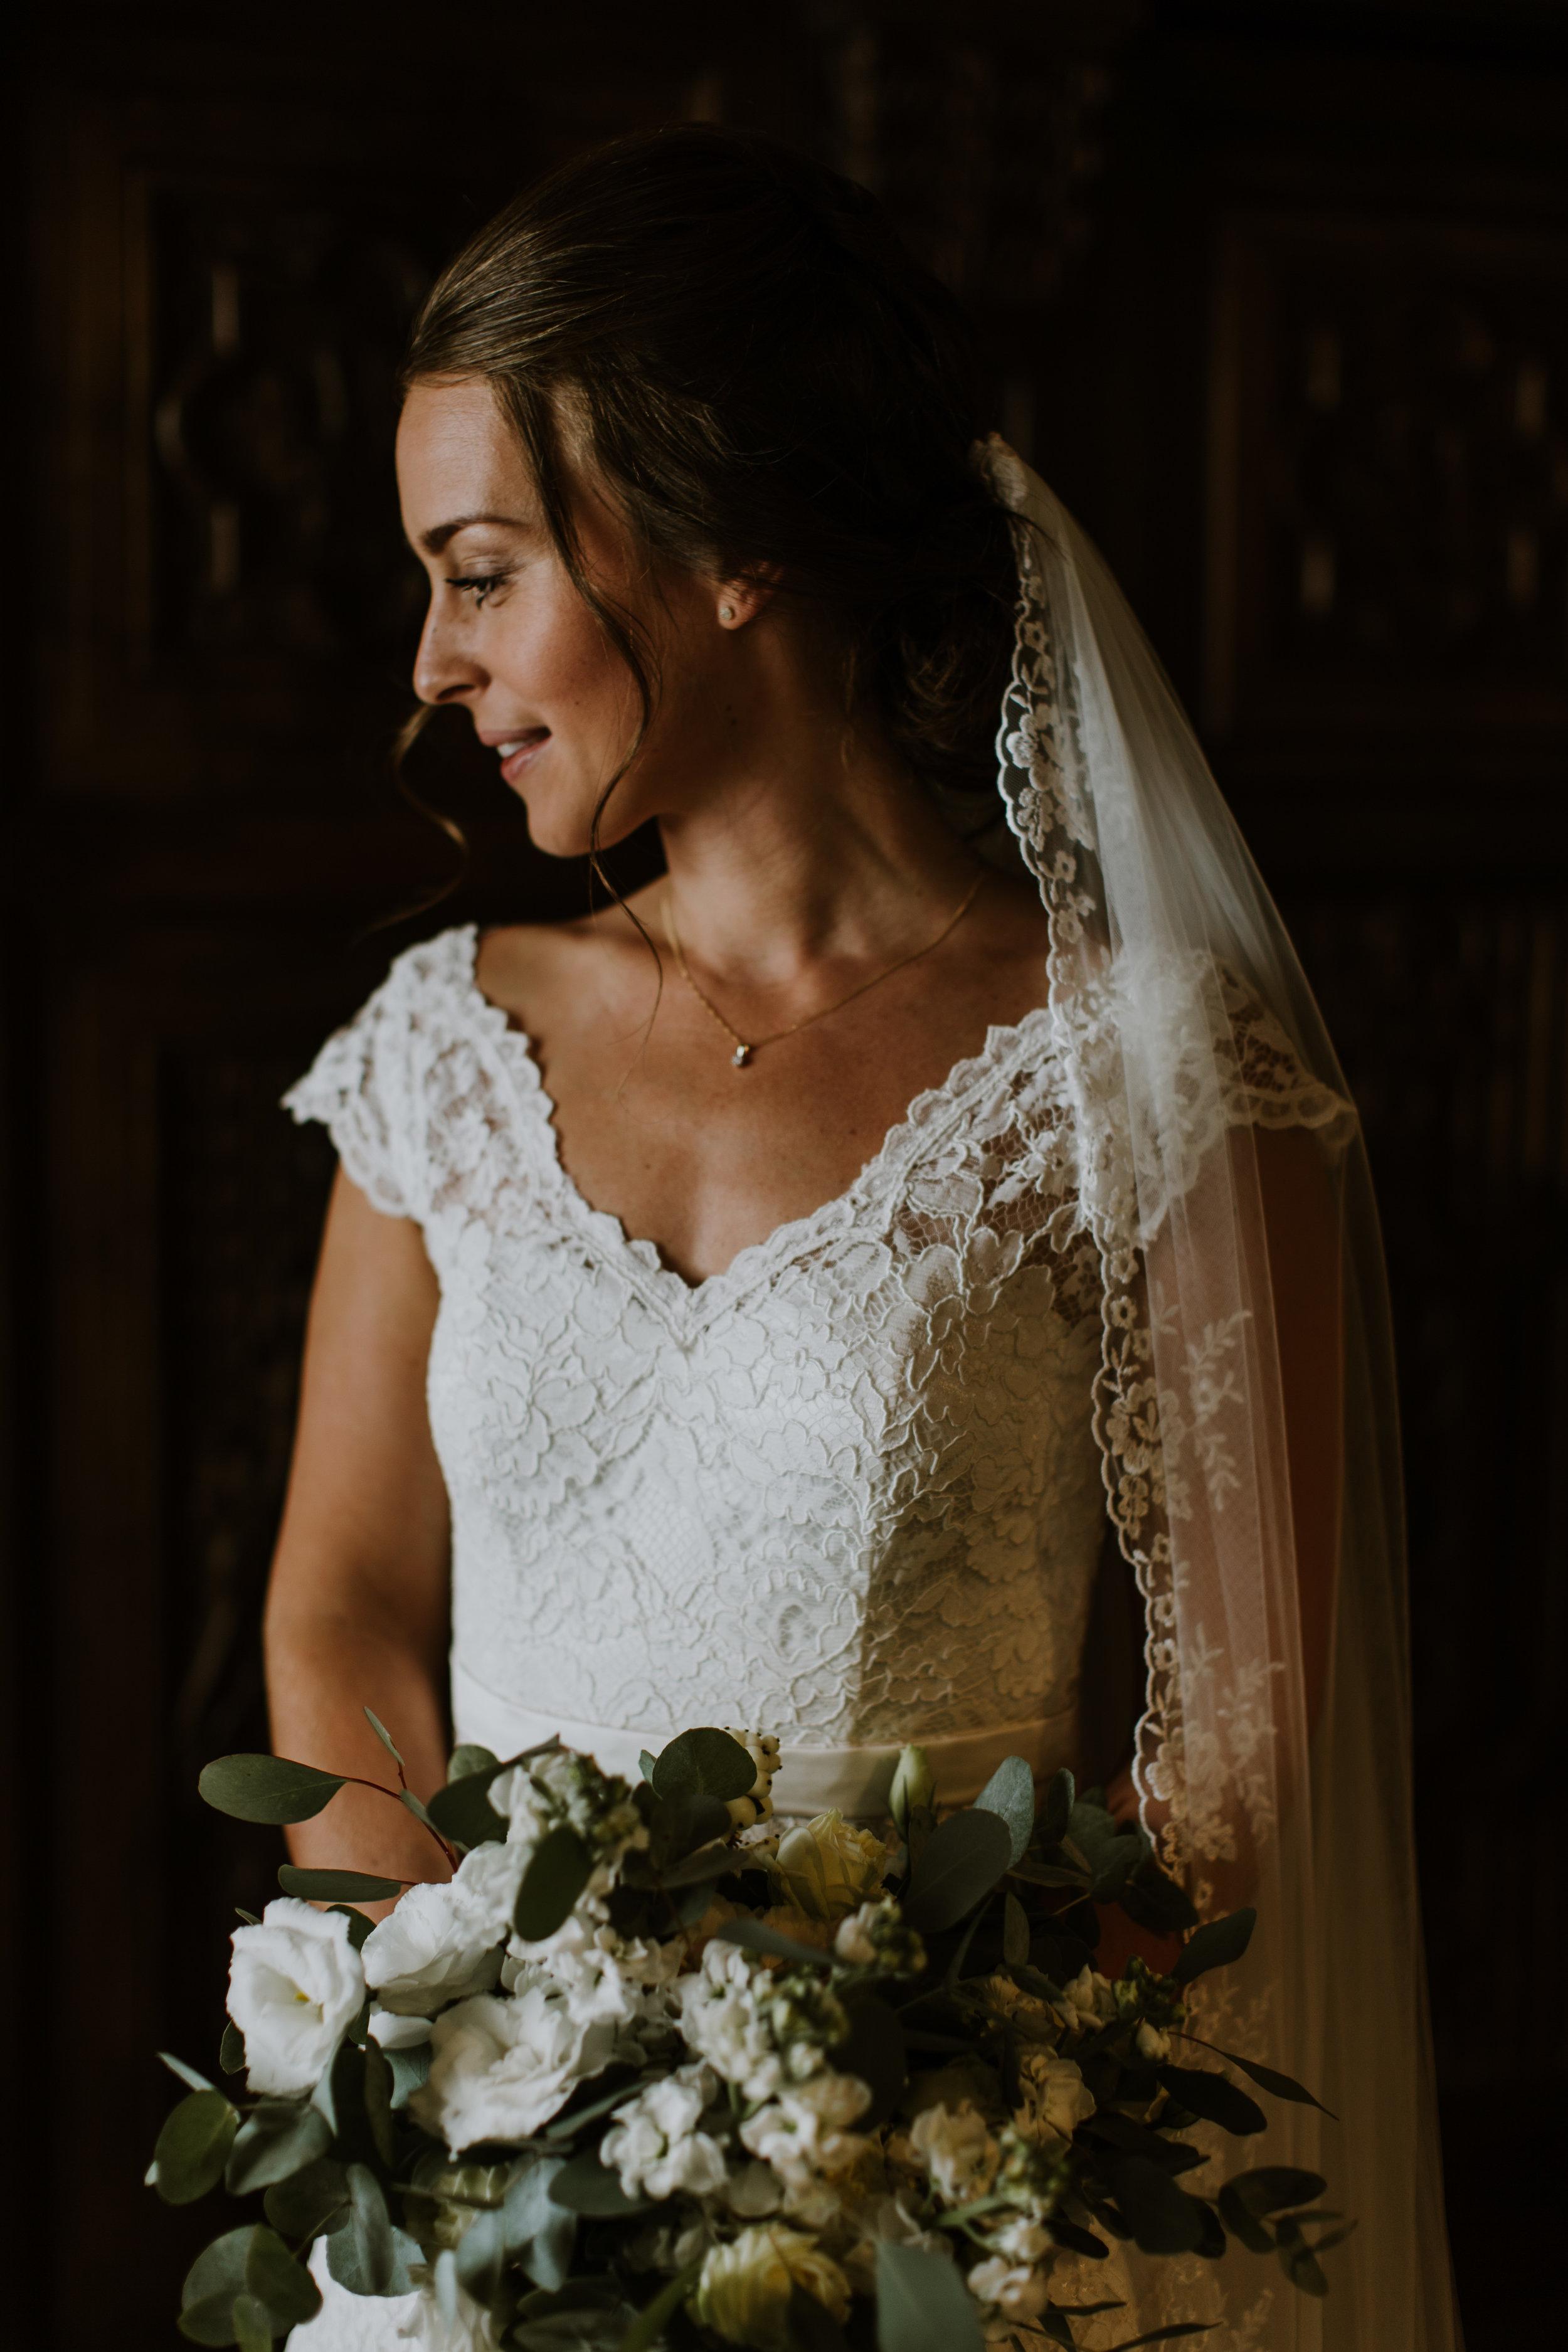 brud brudklänning bröllopsinspiration